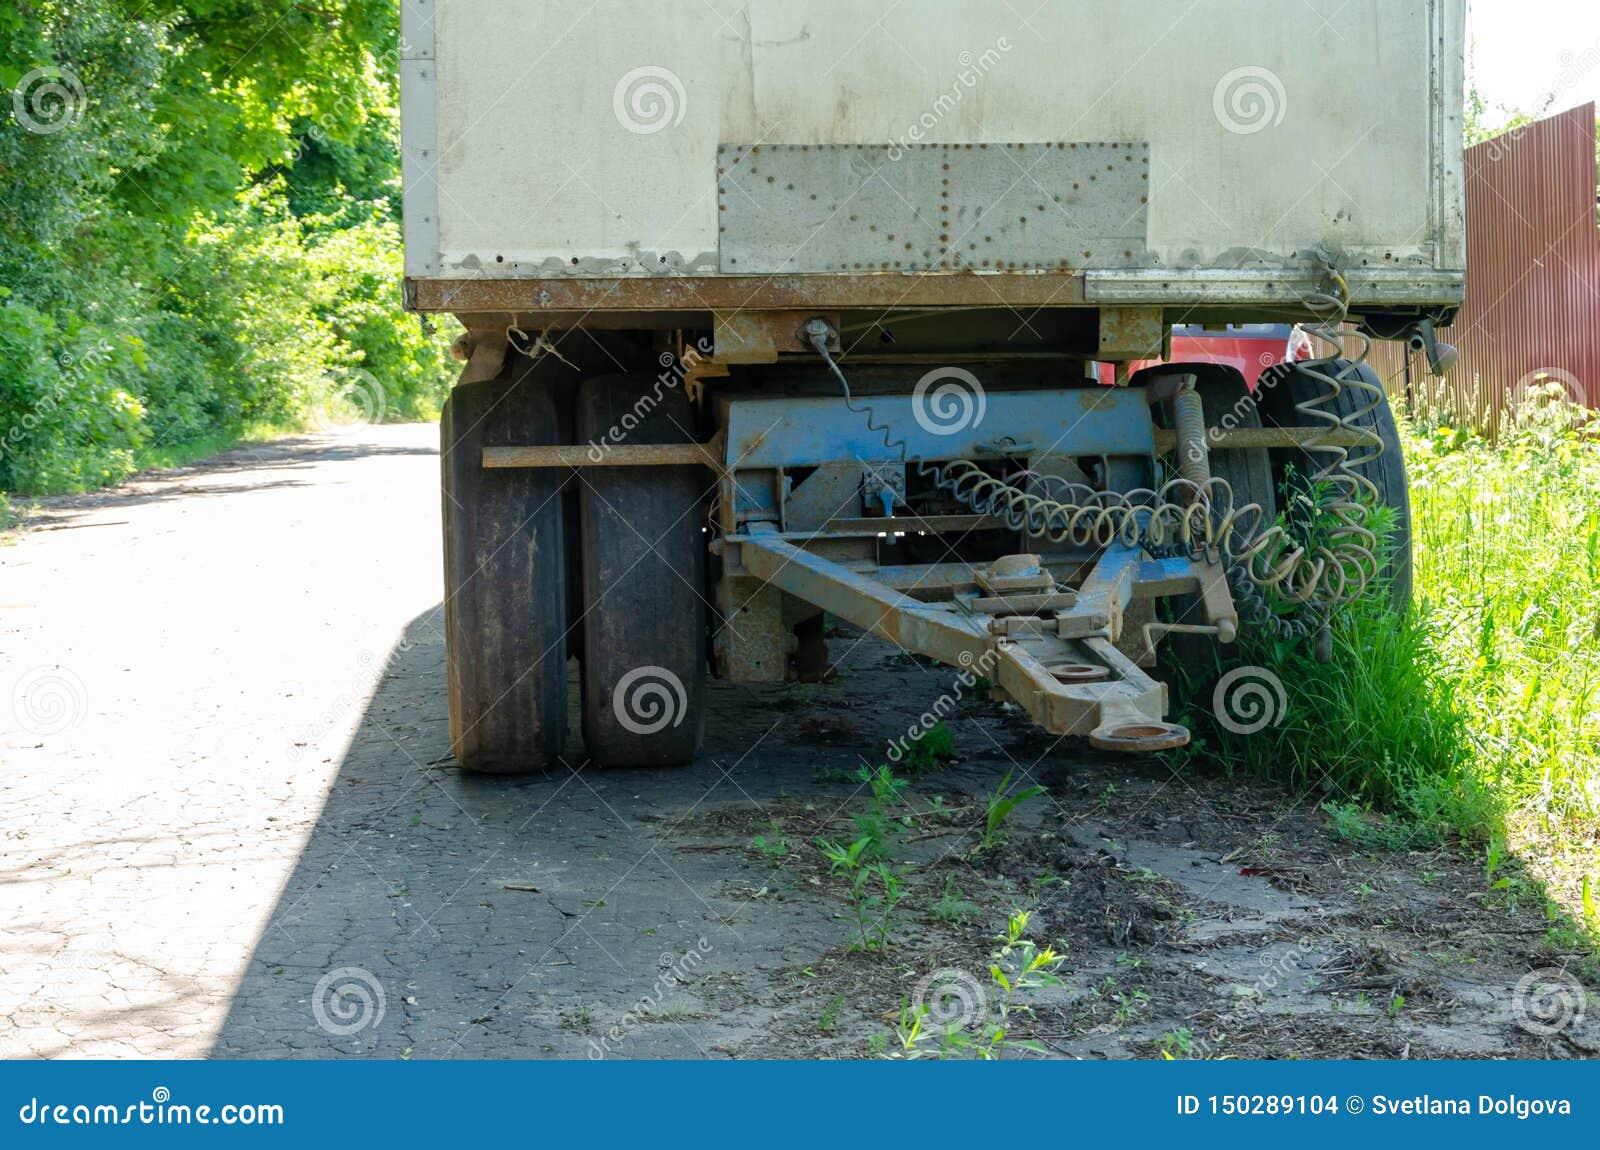 Anslutningen mellan lastbilen och sl?pet